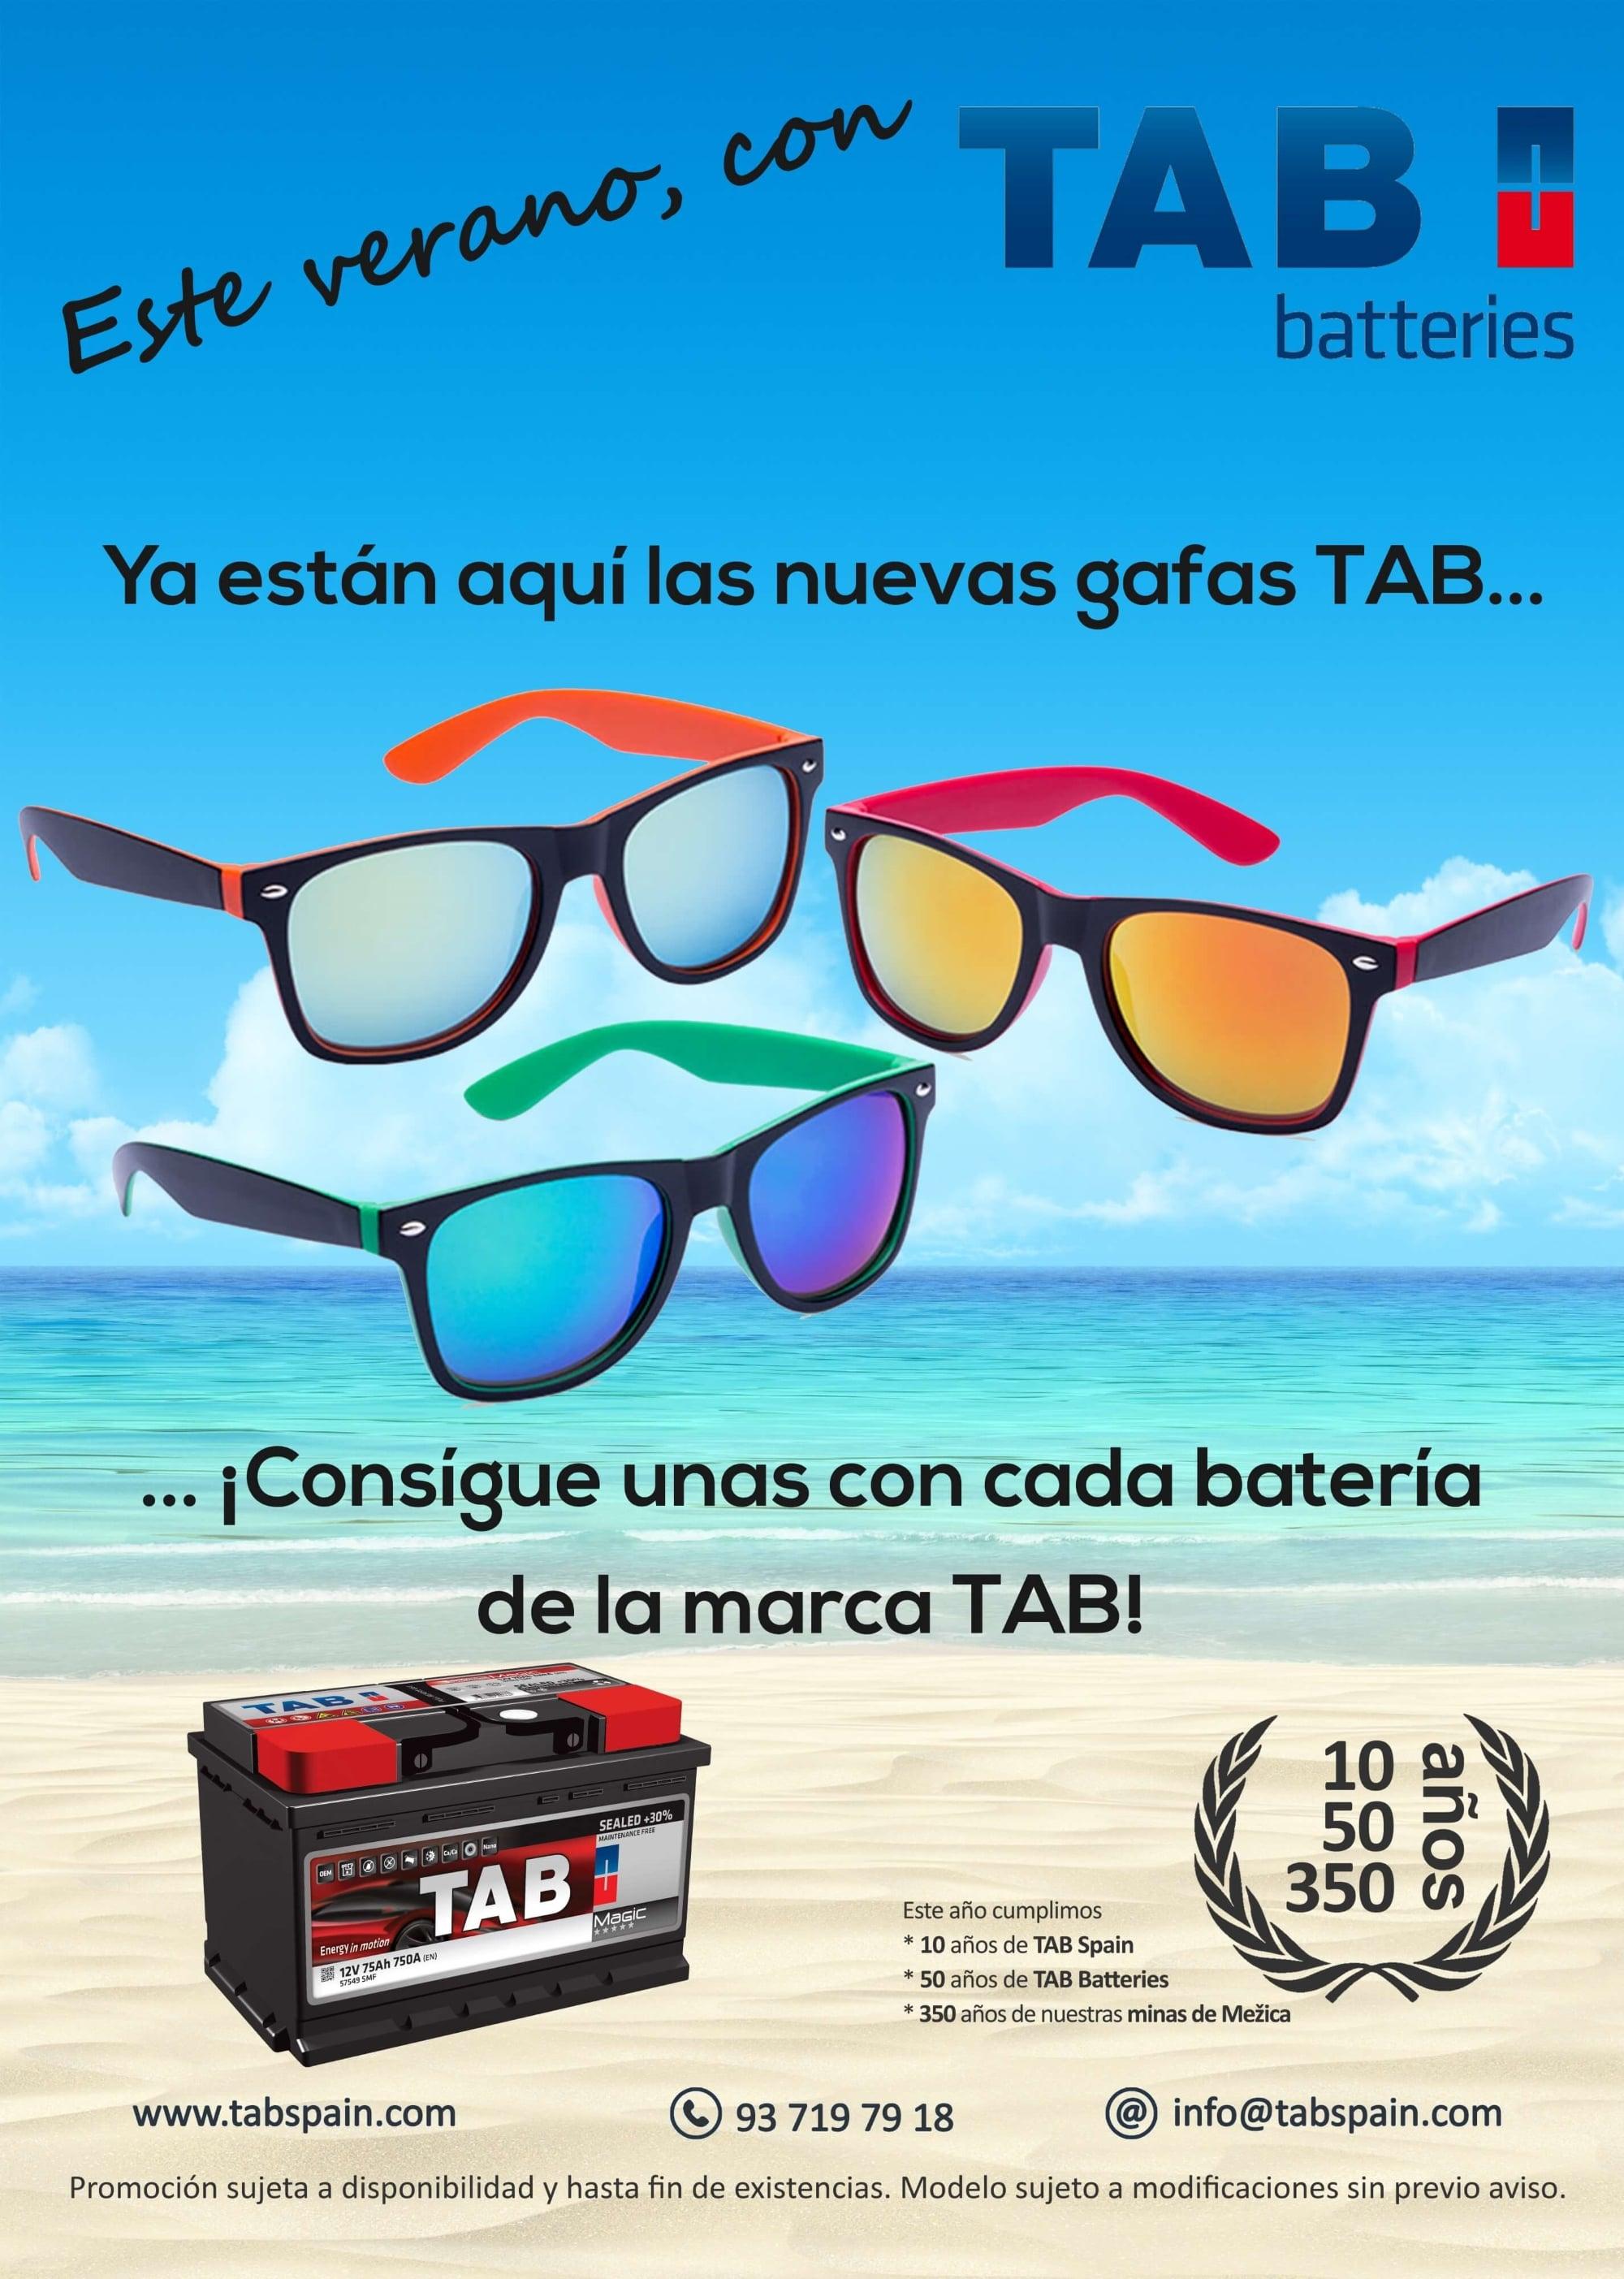 TAB Spain obsequia a sus clientes con unas gafas de sol por la compra de una batería de la marca TAB